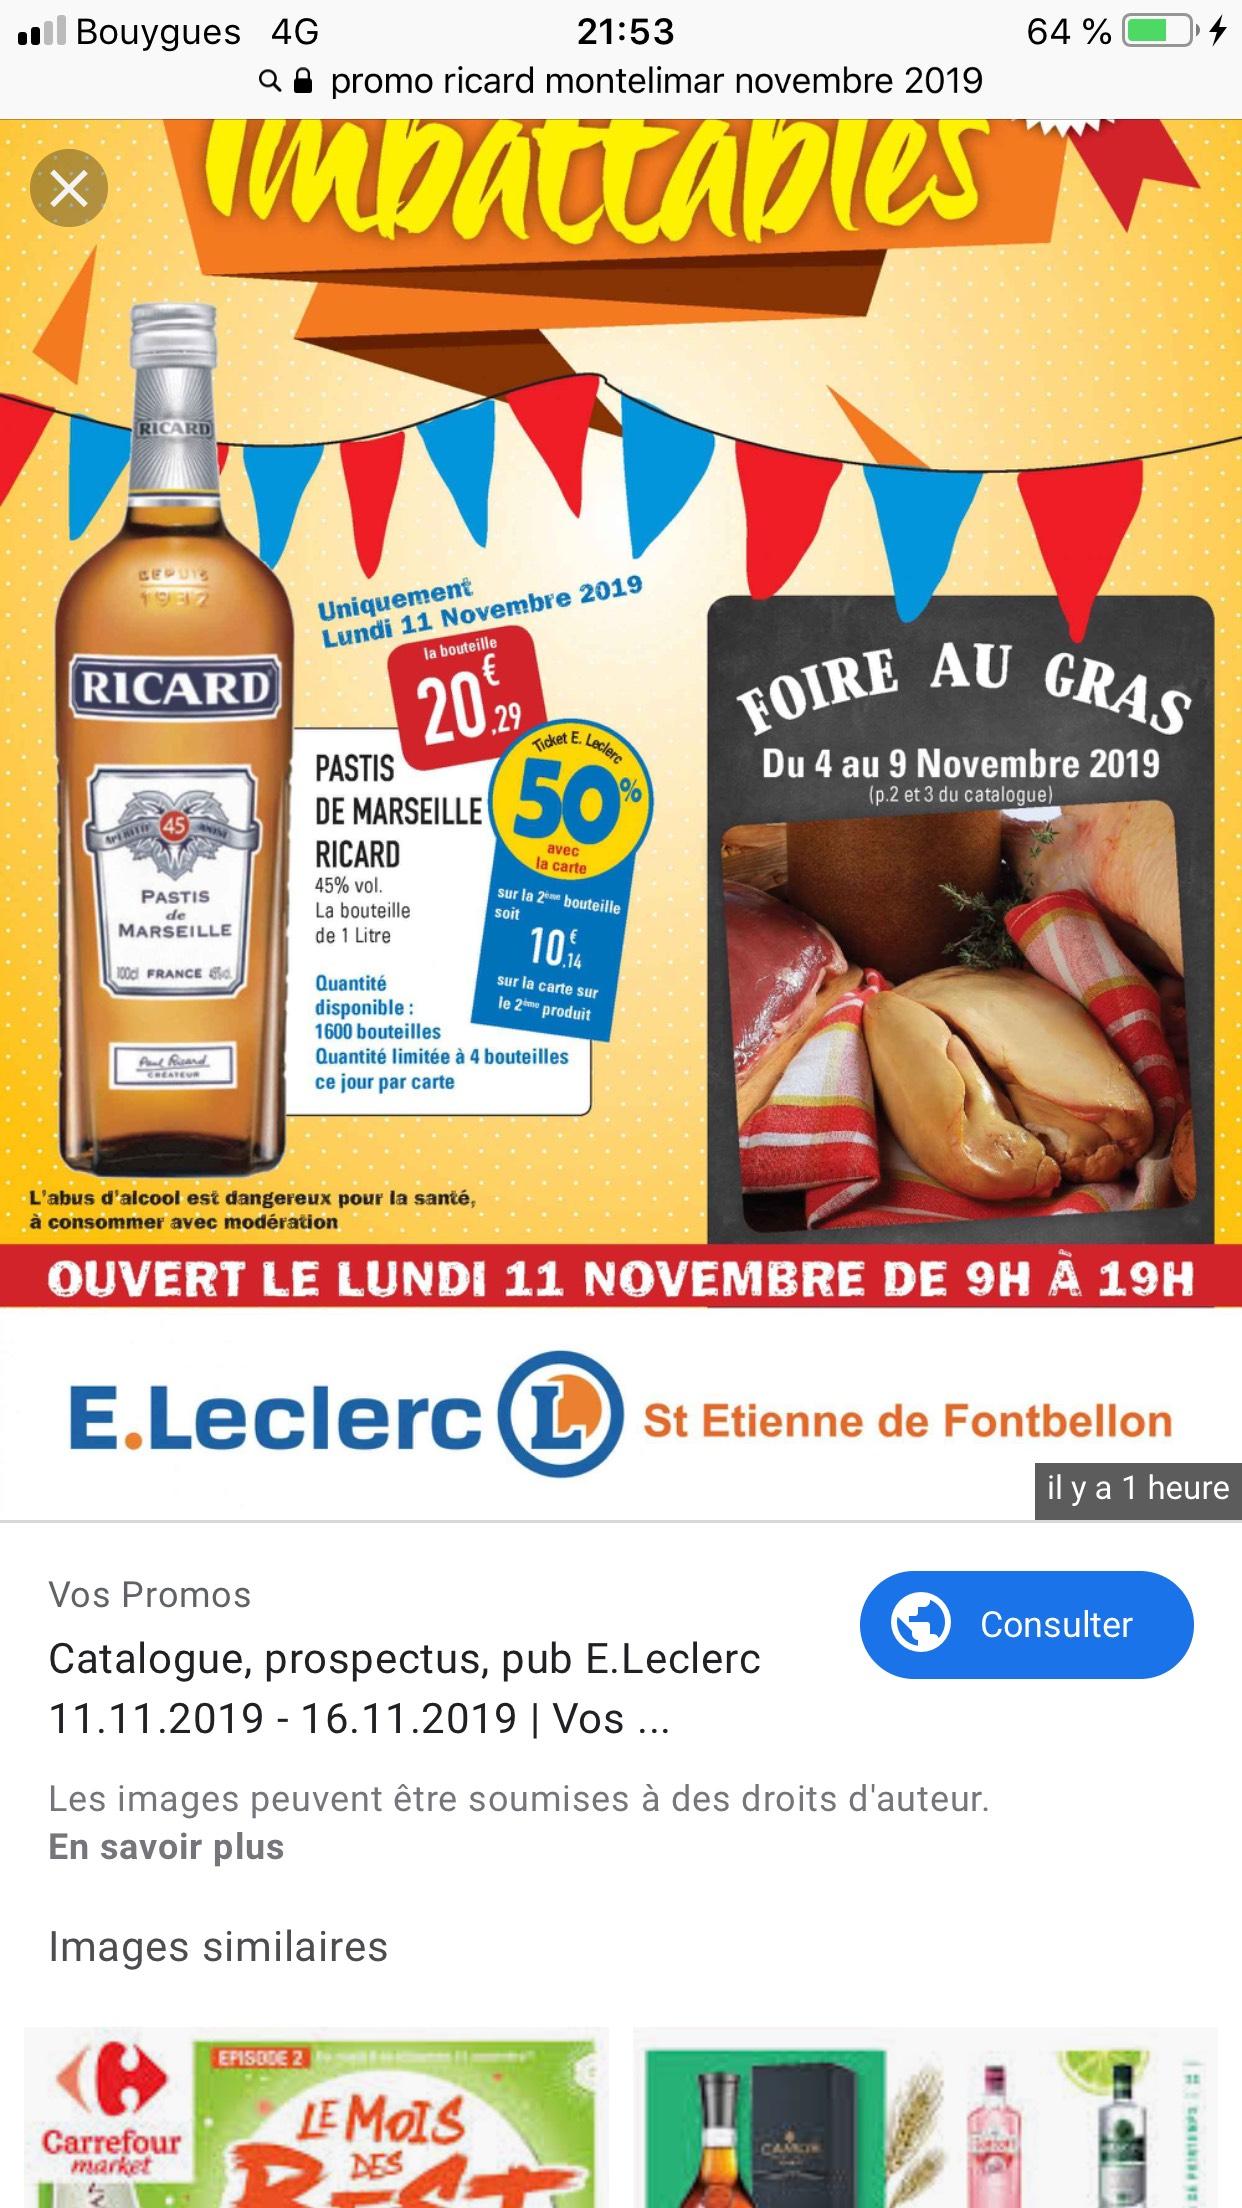 Bouteille de Ricard - 70cl (Via Carte de Fidélité) - Saint-Étienne-de-Fontbellon (07)